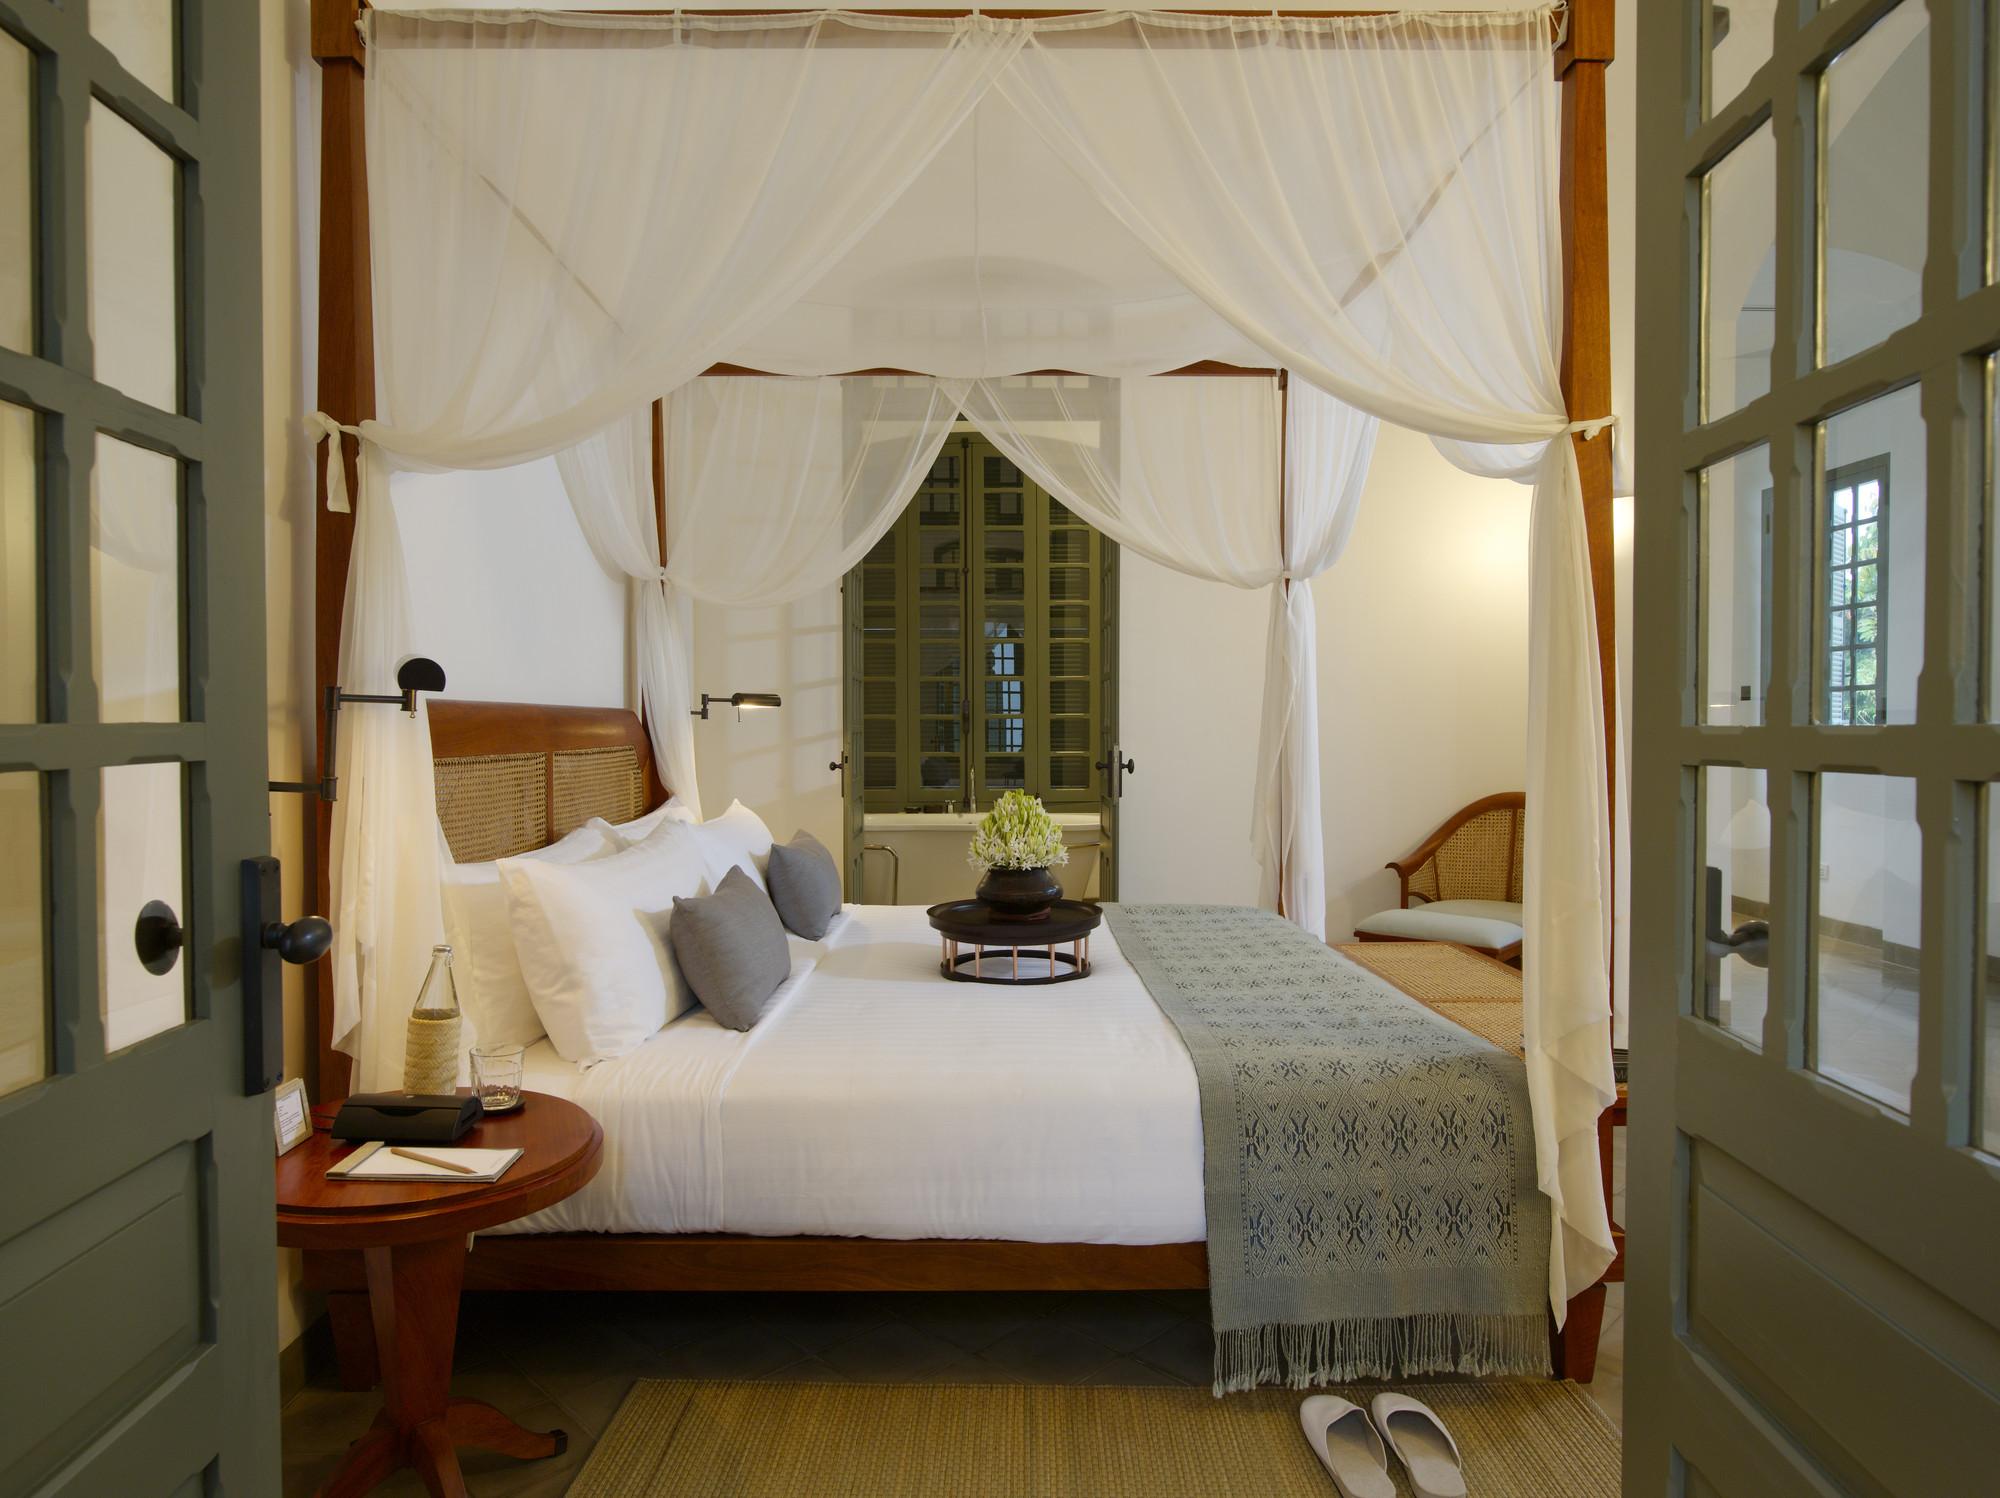 RS1162_Amantaka-Mekong-Suite-Bedroom-lpr-2.jpg